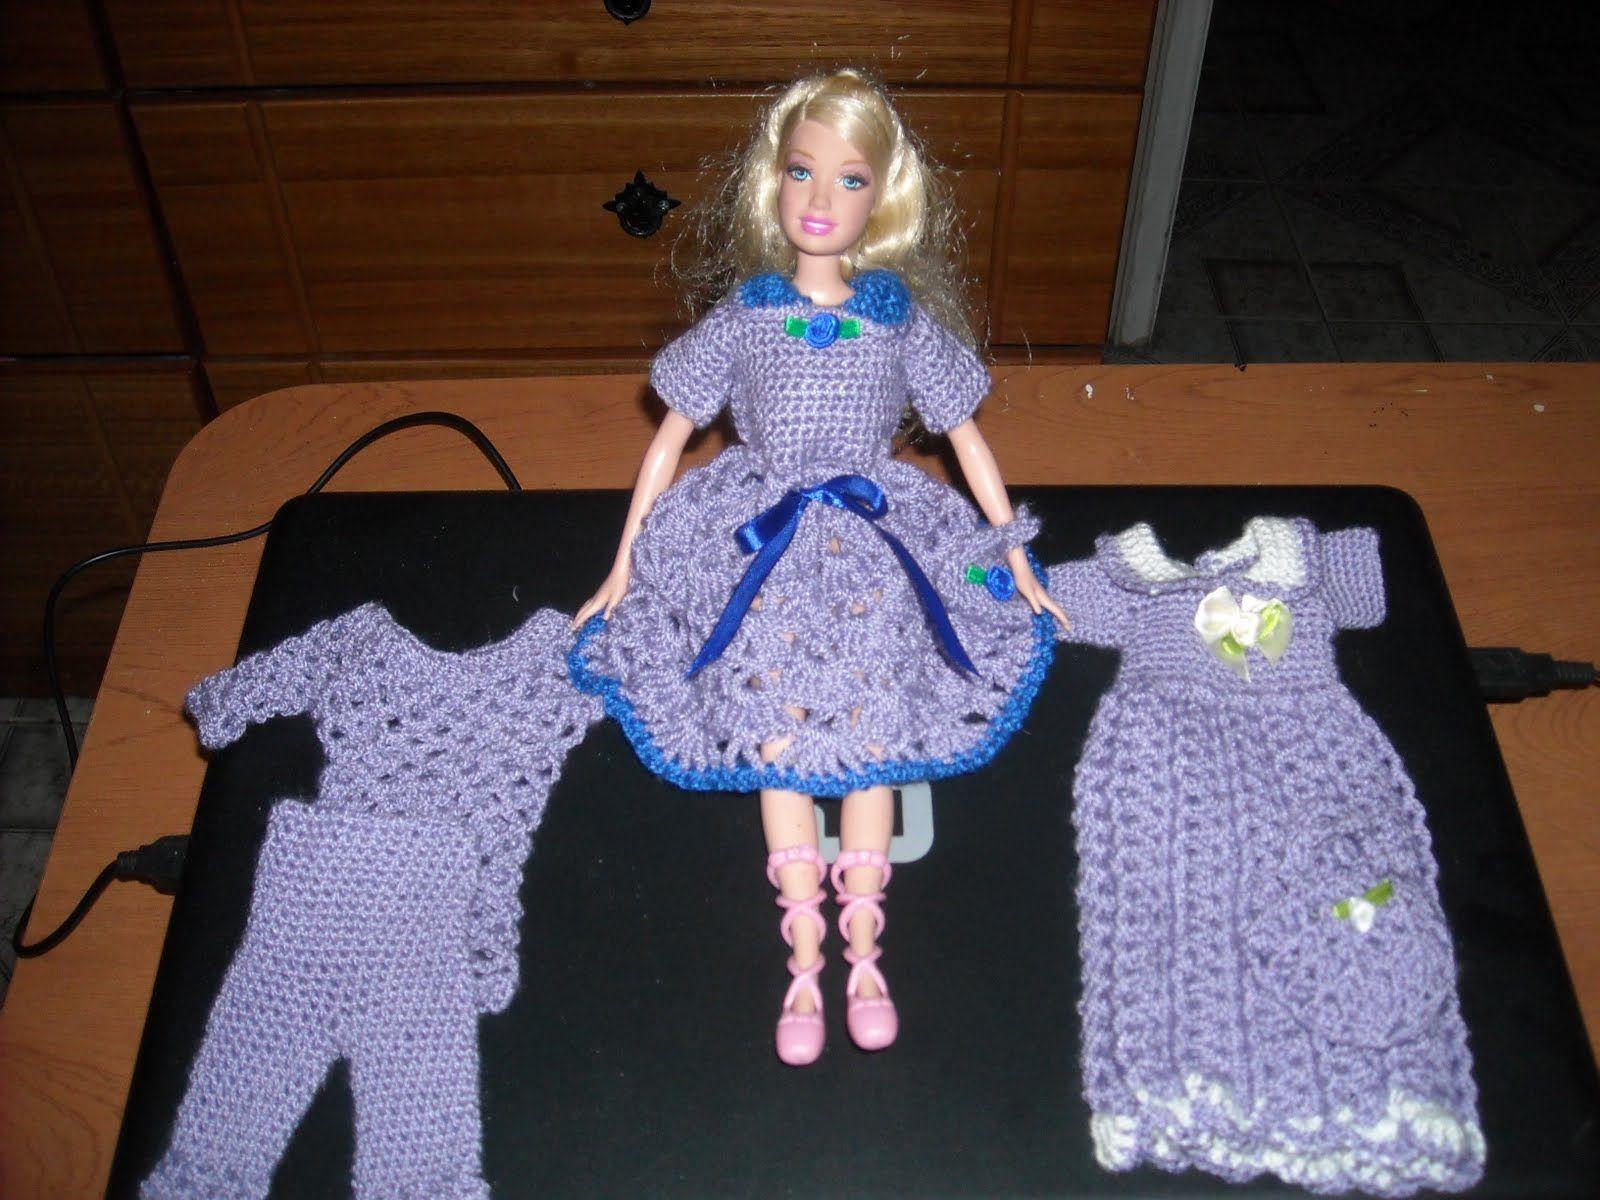 Vestidos para muñecas en crochet - Imagui   Barbie clothes ...